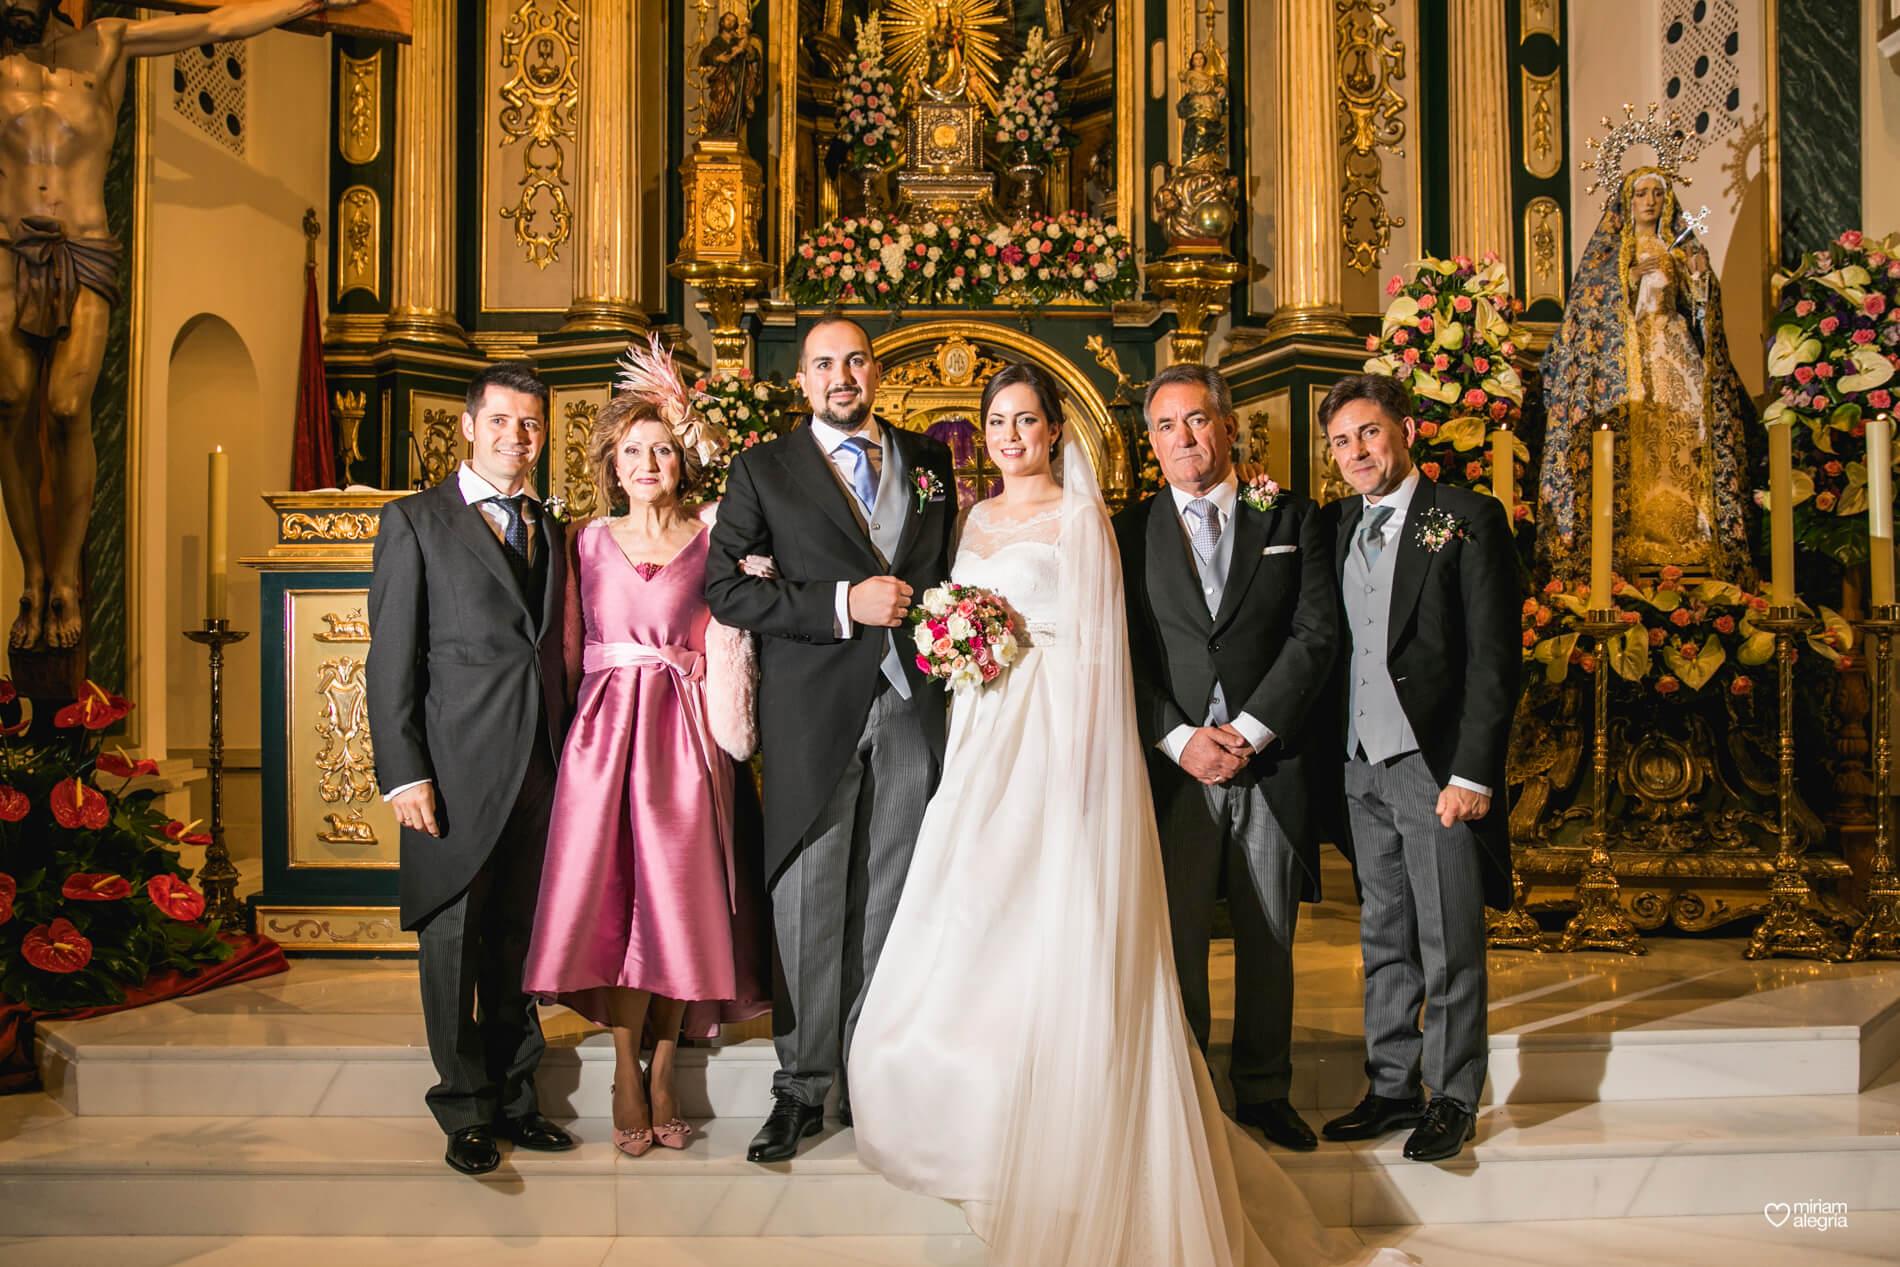 boda-en-el-rincon-huertano-miriam-alegria-fotografos-boda-murcia-86